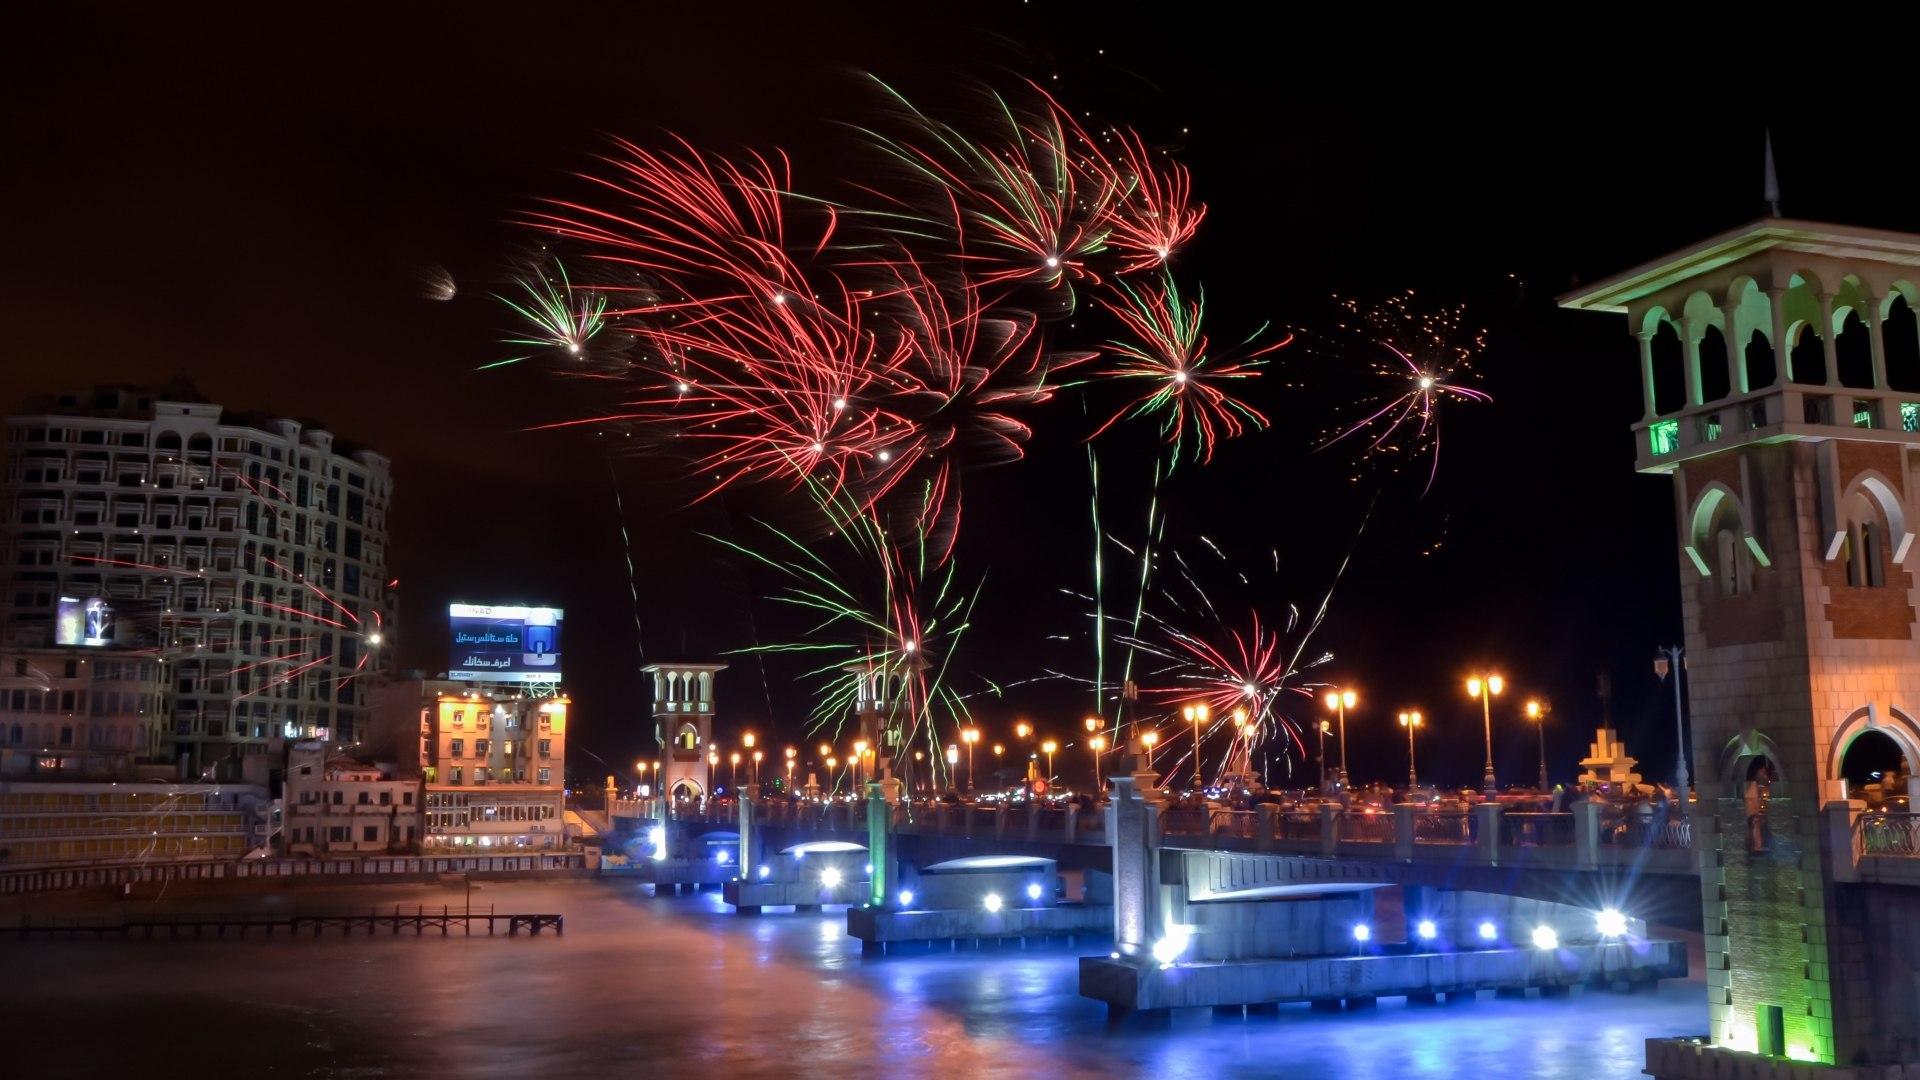 Новый год в Египте 2019. Отели с программой, цены, ранее бронирование в 2019 году